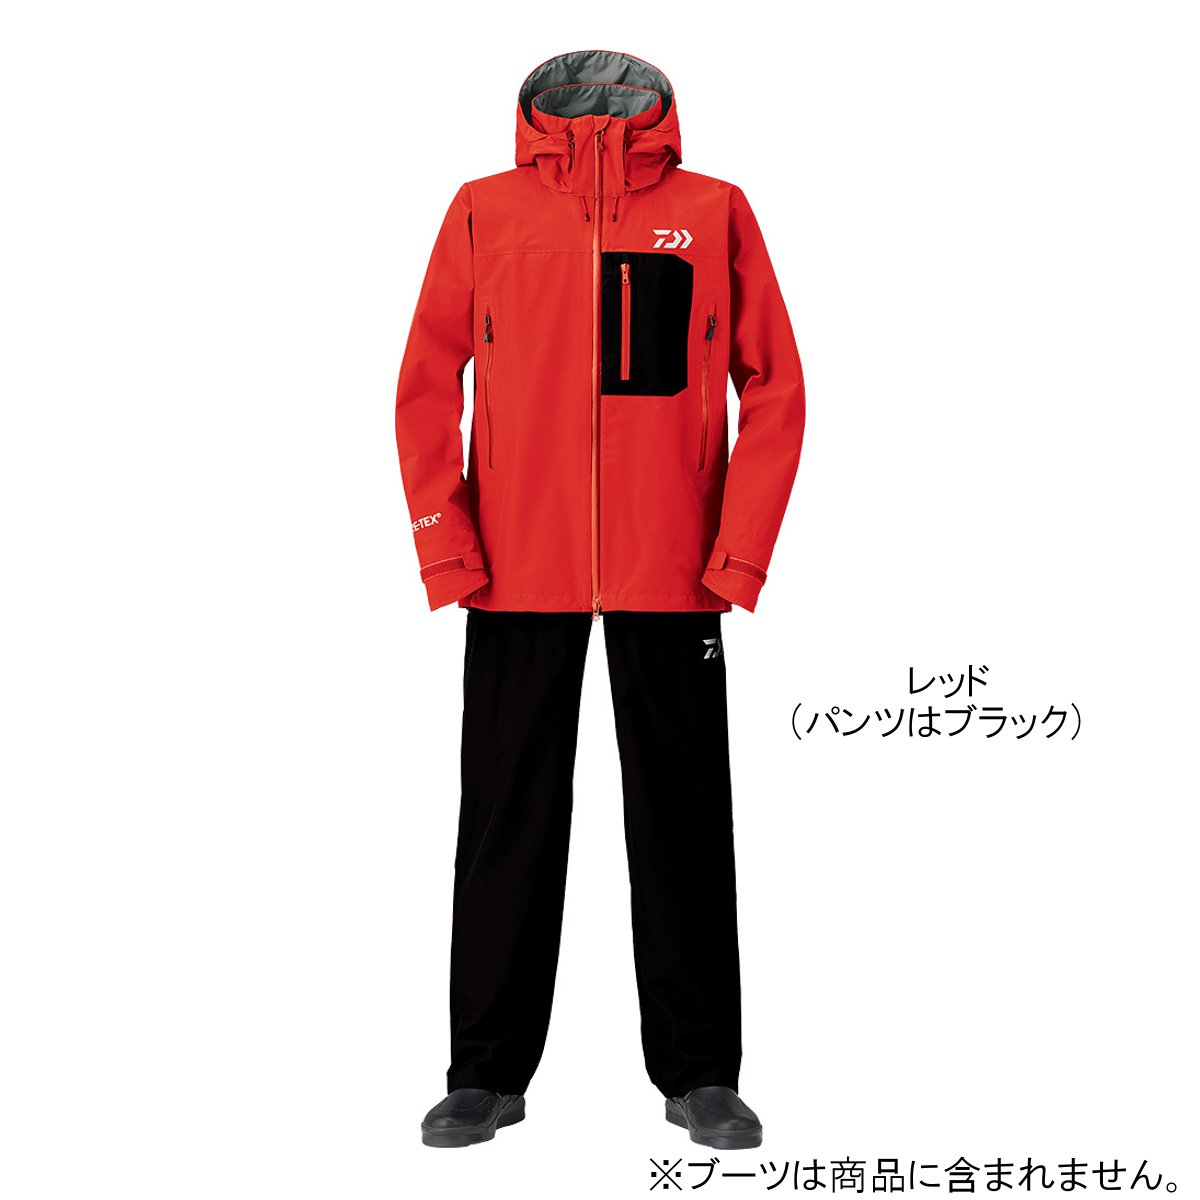 ダイワ ゴアテックスプロダクト パックライト レインスーツ DR-1908 XL レッド【送料無料】